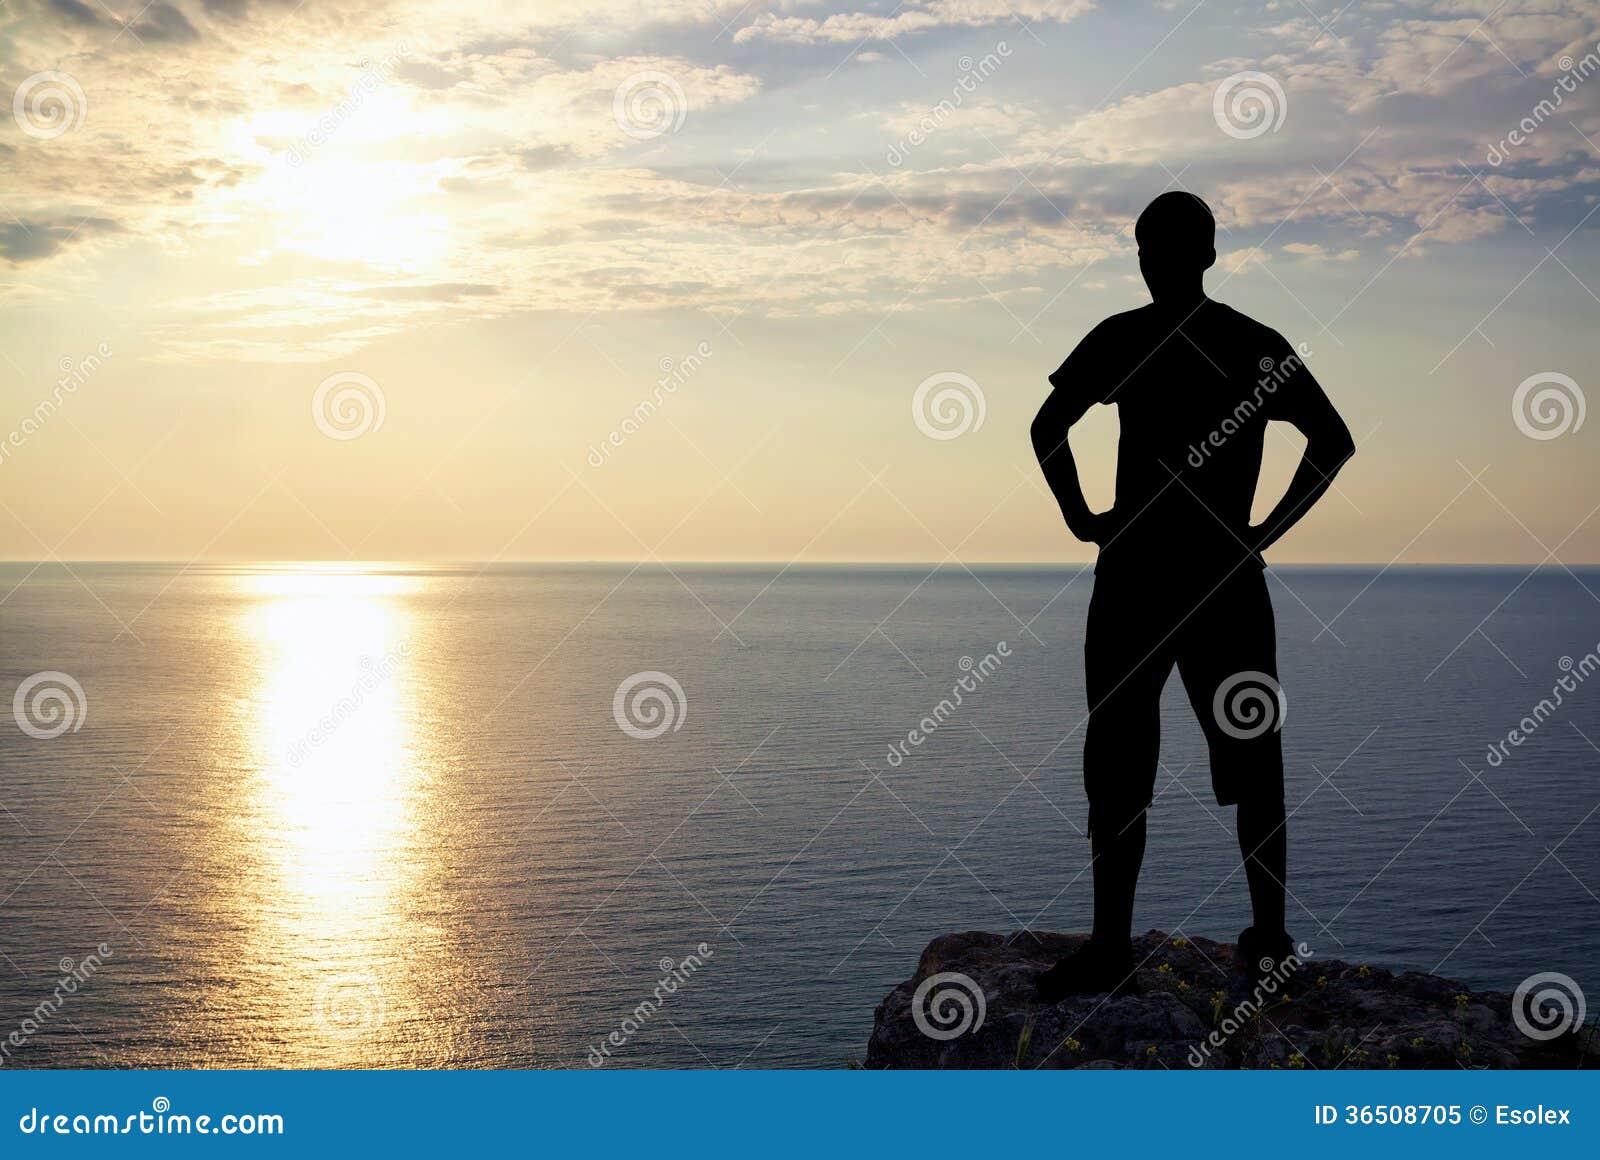 Silhouette de l homme sur la roche au coucher du soleil.